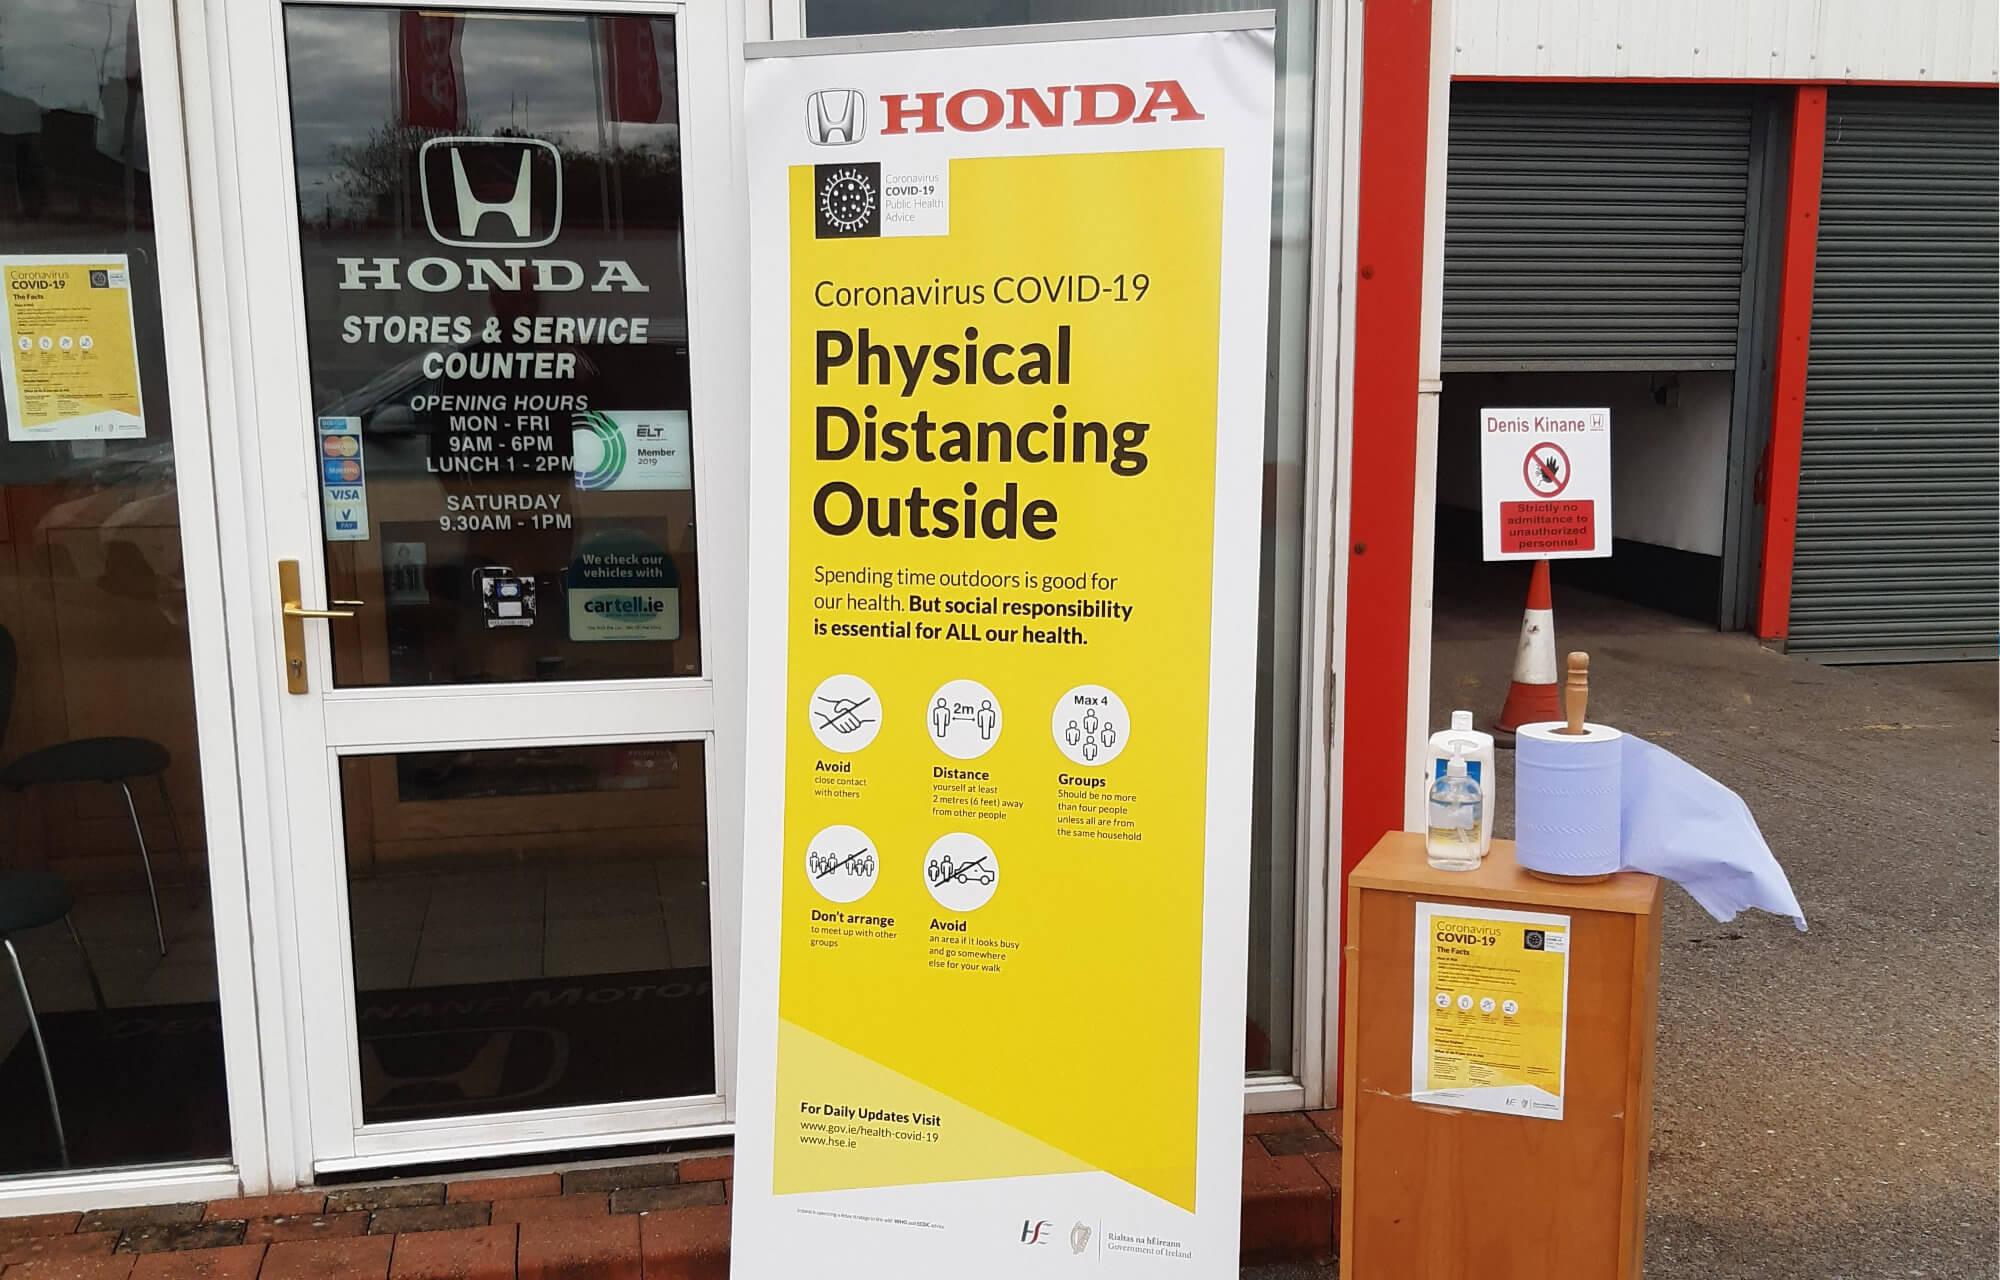 Denis Kinane Motors Safety Measures